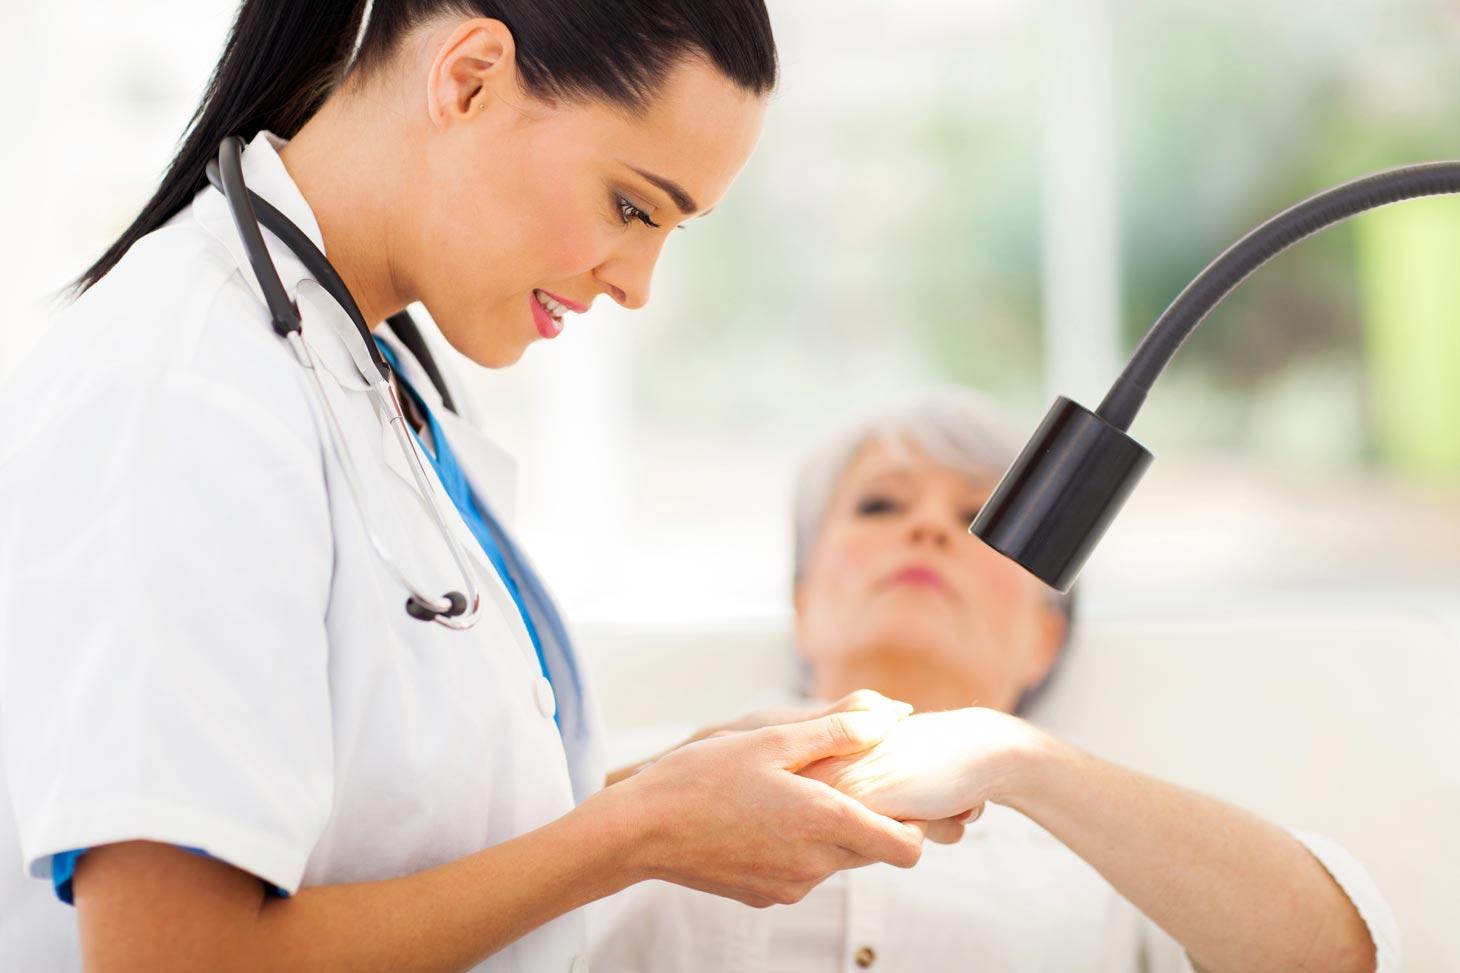 Красные пятна на теле: причины и лечение